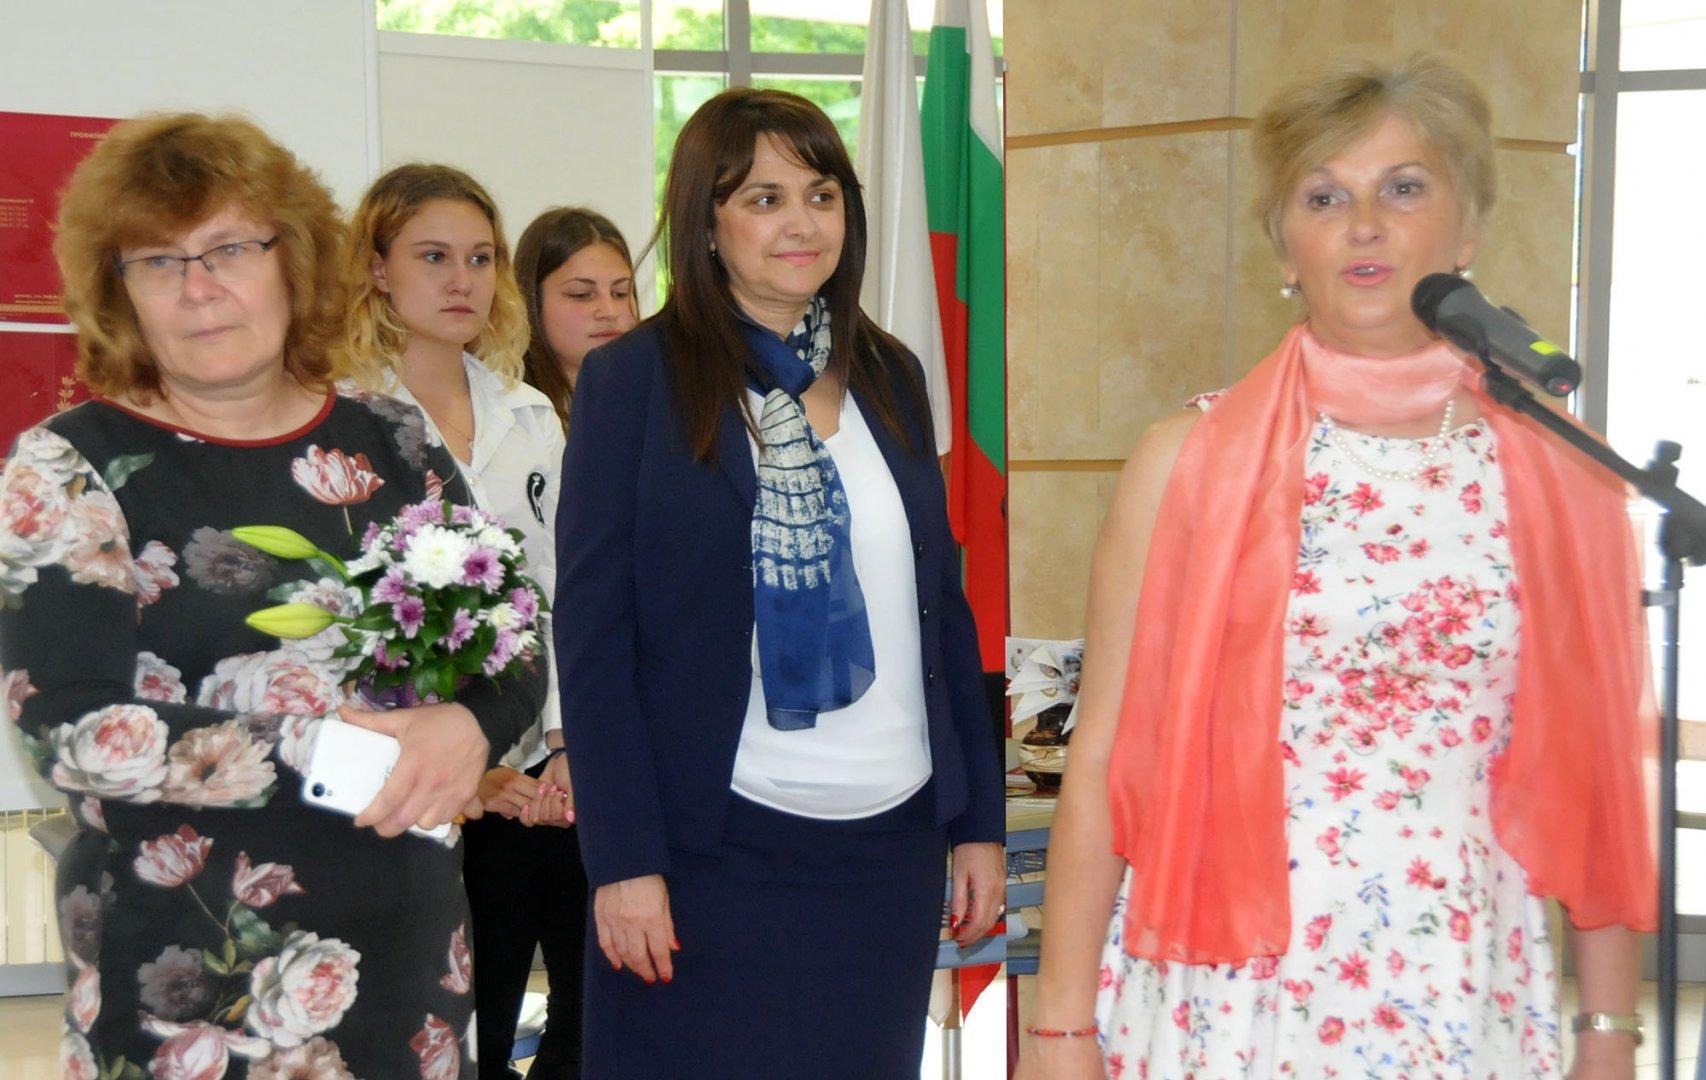 3 700 седмокласници ще се явят на изпити през май, каза Виолета Илиева (вдясно). Снимки Лина Главинова